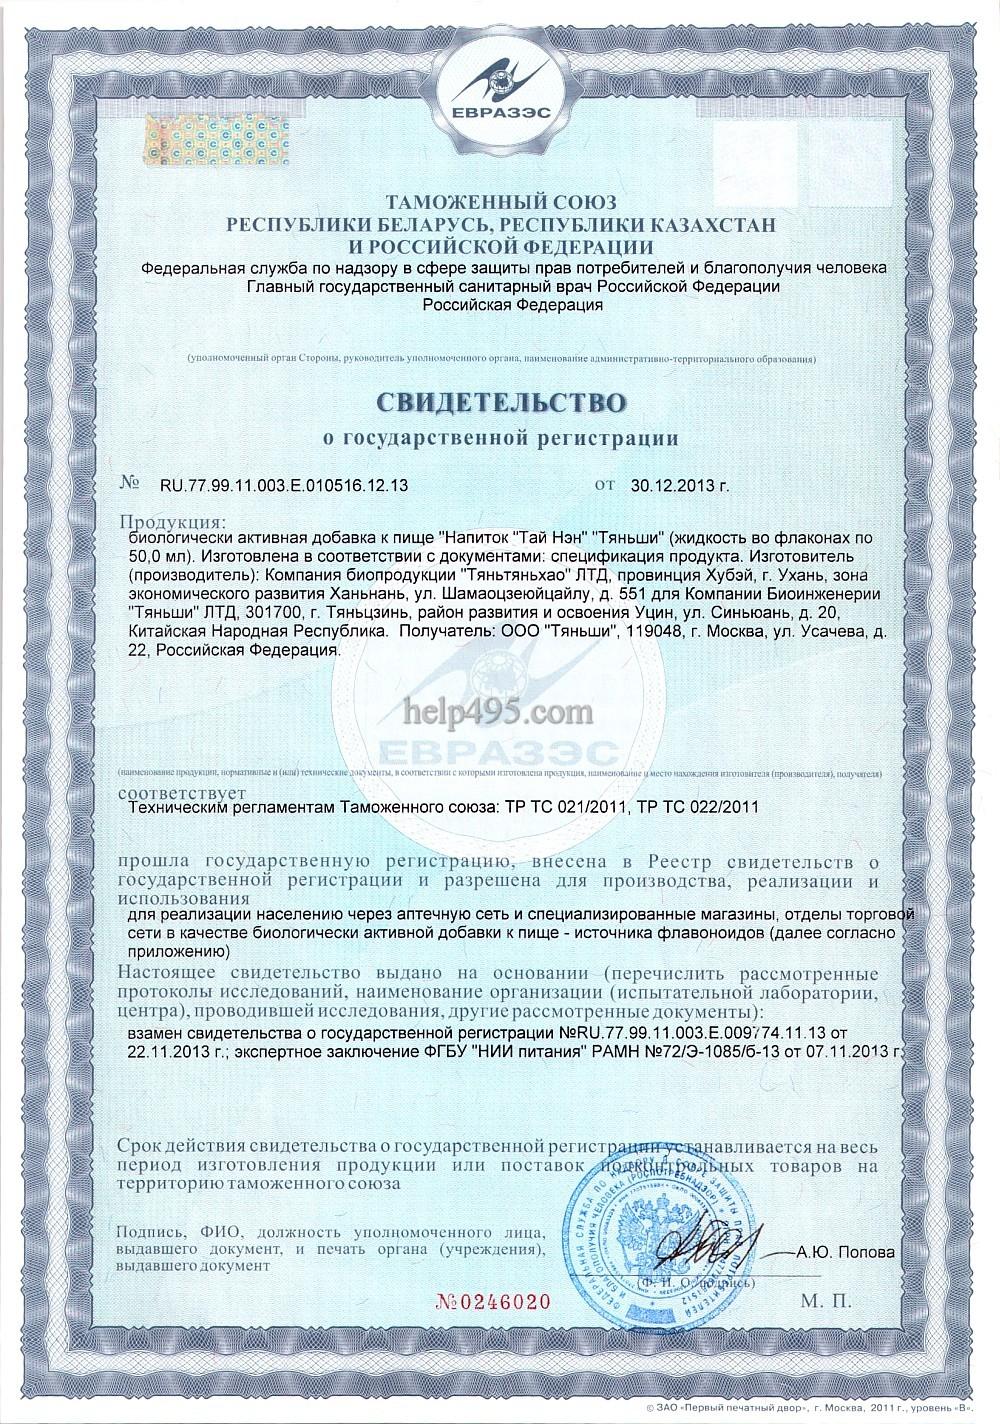 1-ая страница сертификата энергетического напитка Тай Нэн